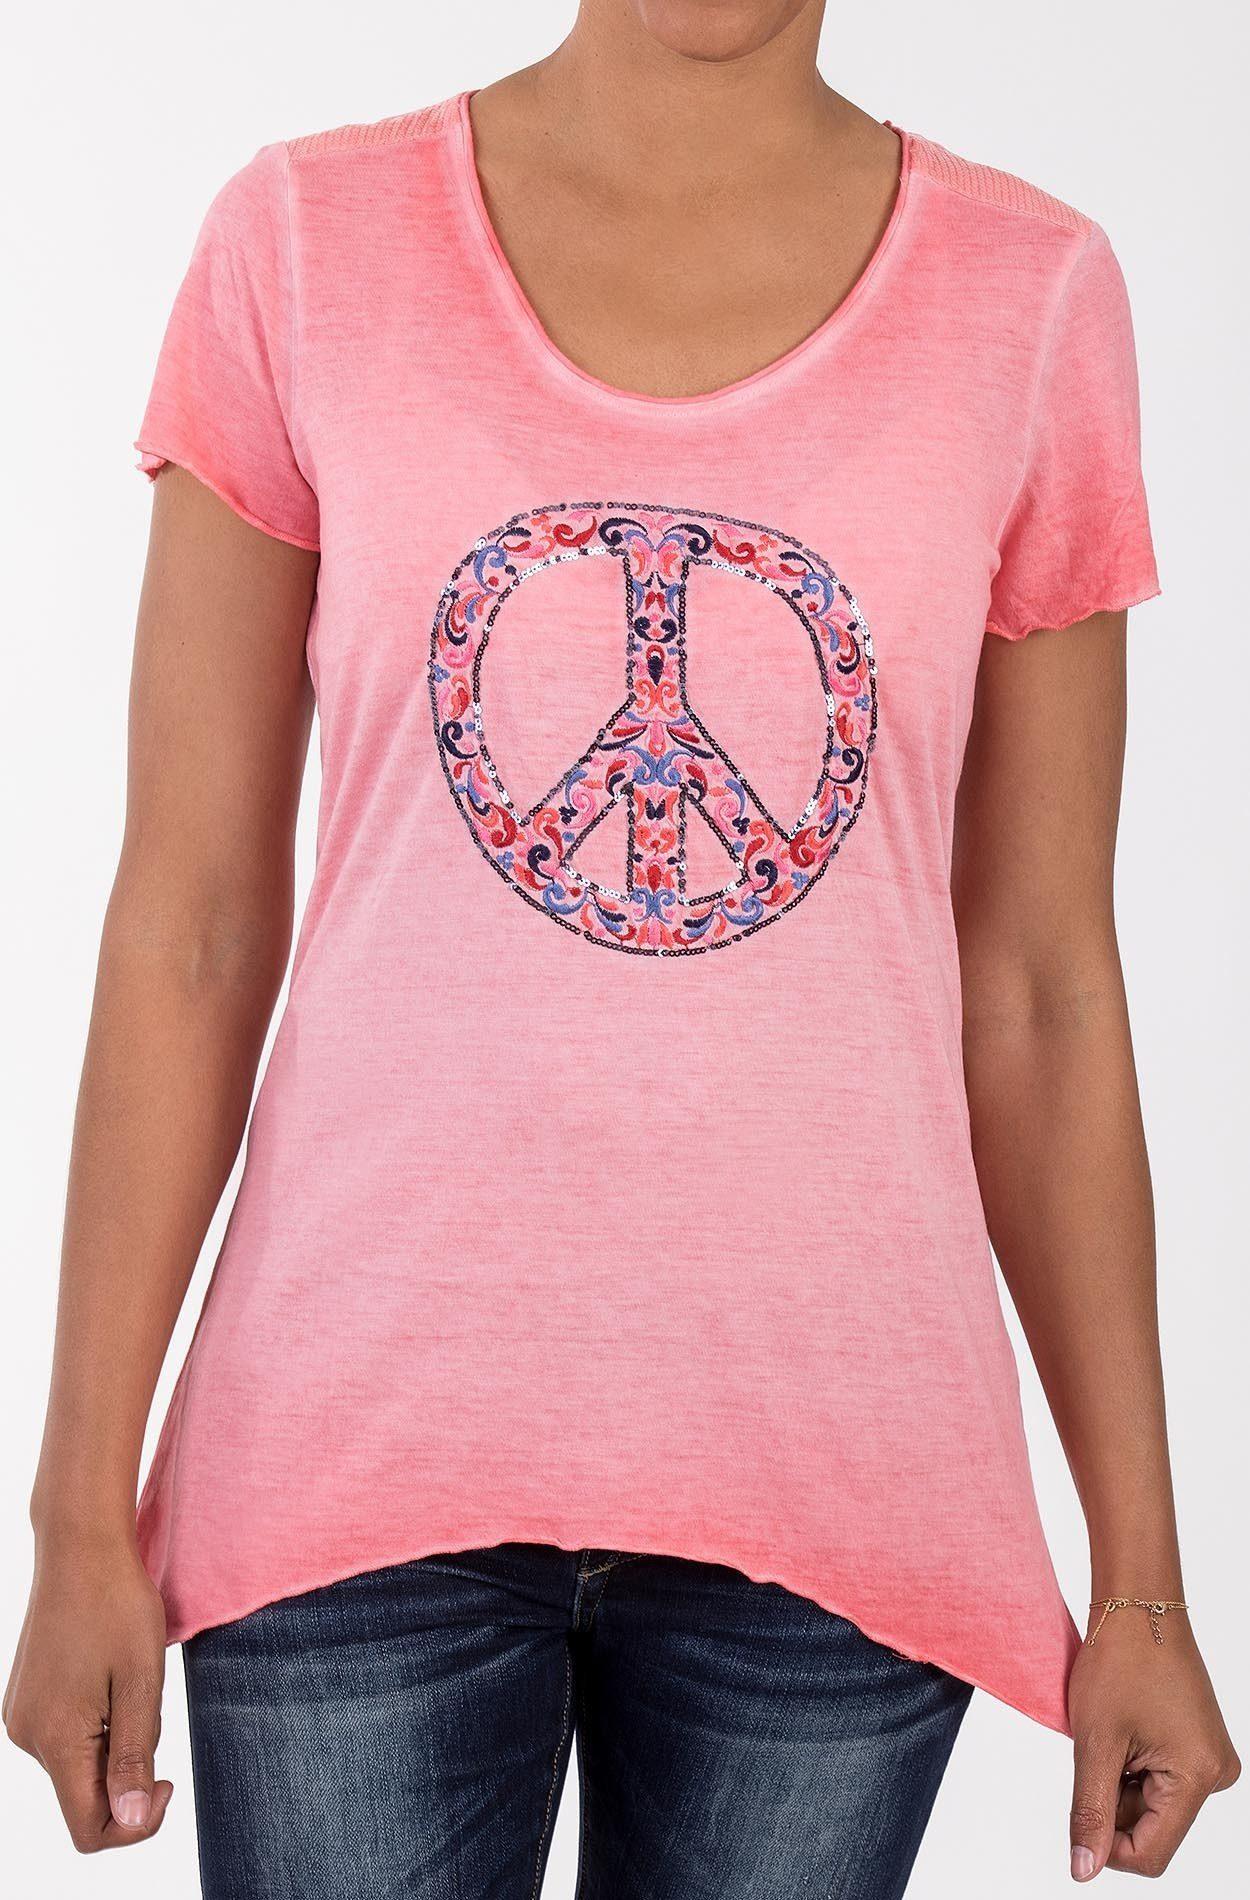 Blue Monkey Zipfelshirt | Bekleidung > Shirts > Zipfelshirts | Rosa | Blue Monkey